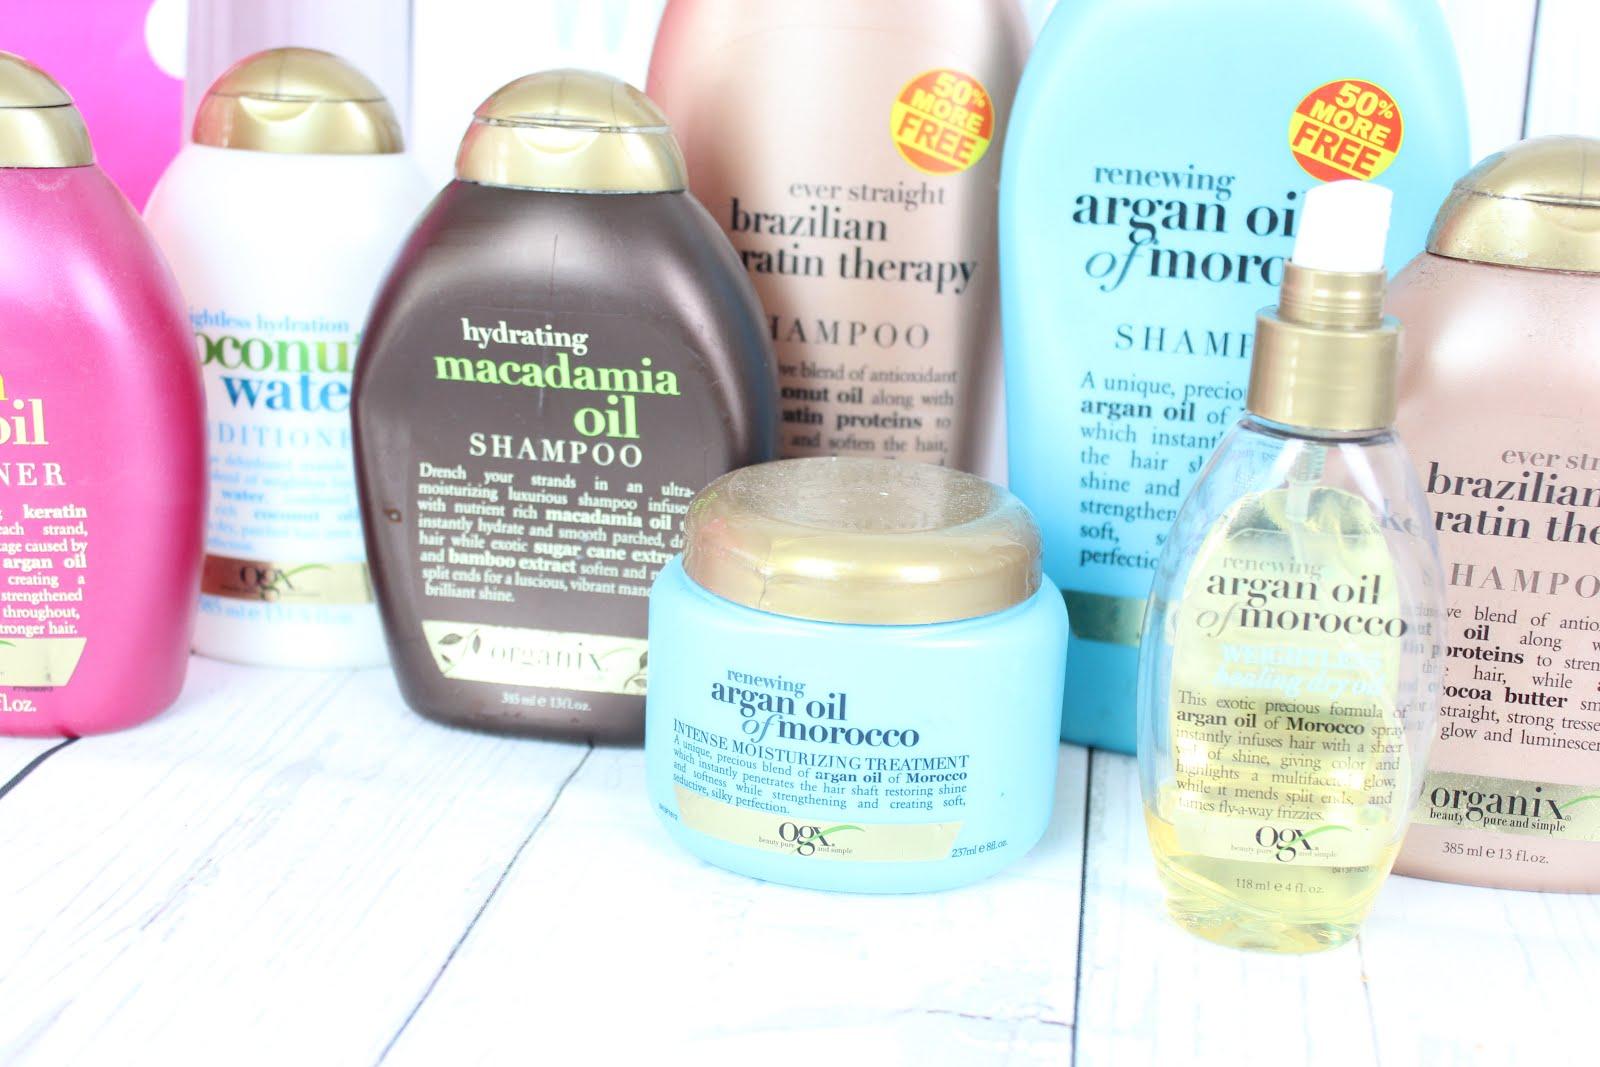 Meine Erfahrung Mit Ogx Shampoo Und Haarprodukten Organix Shampoo